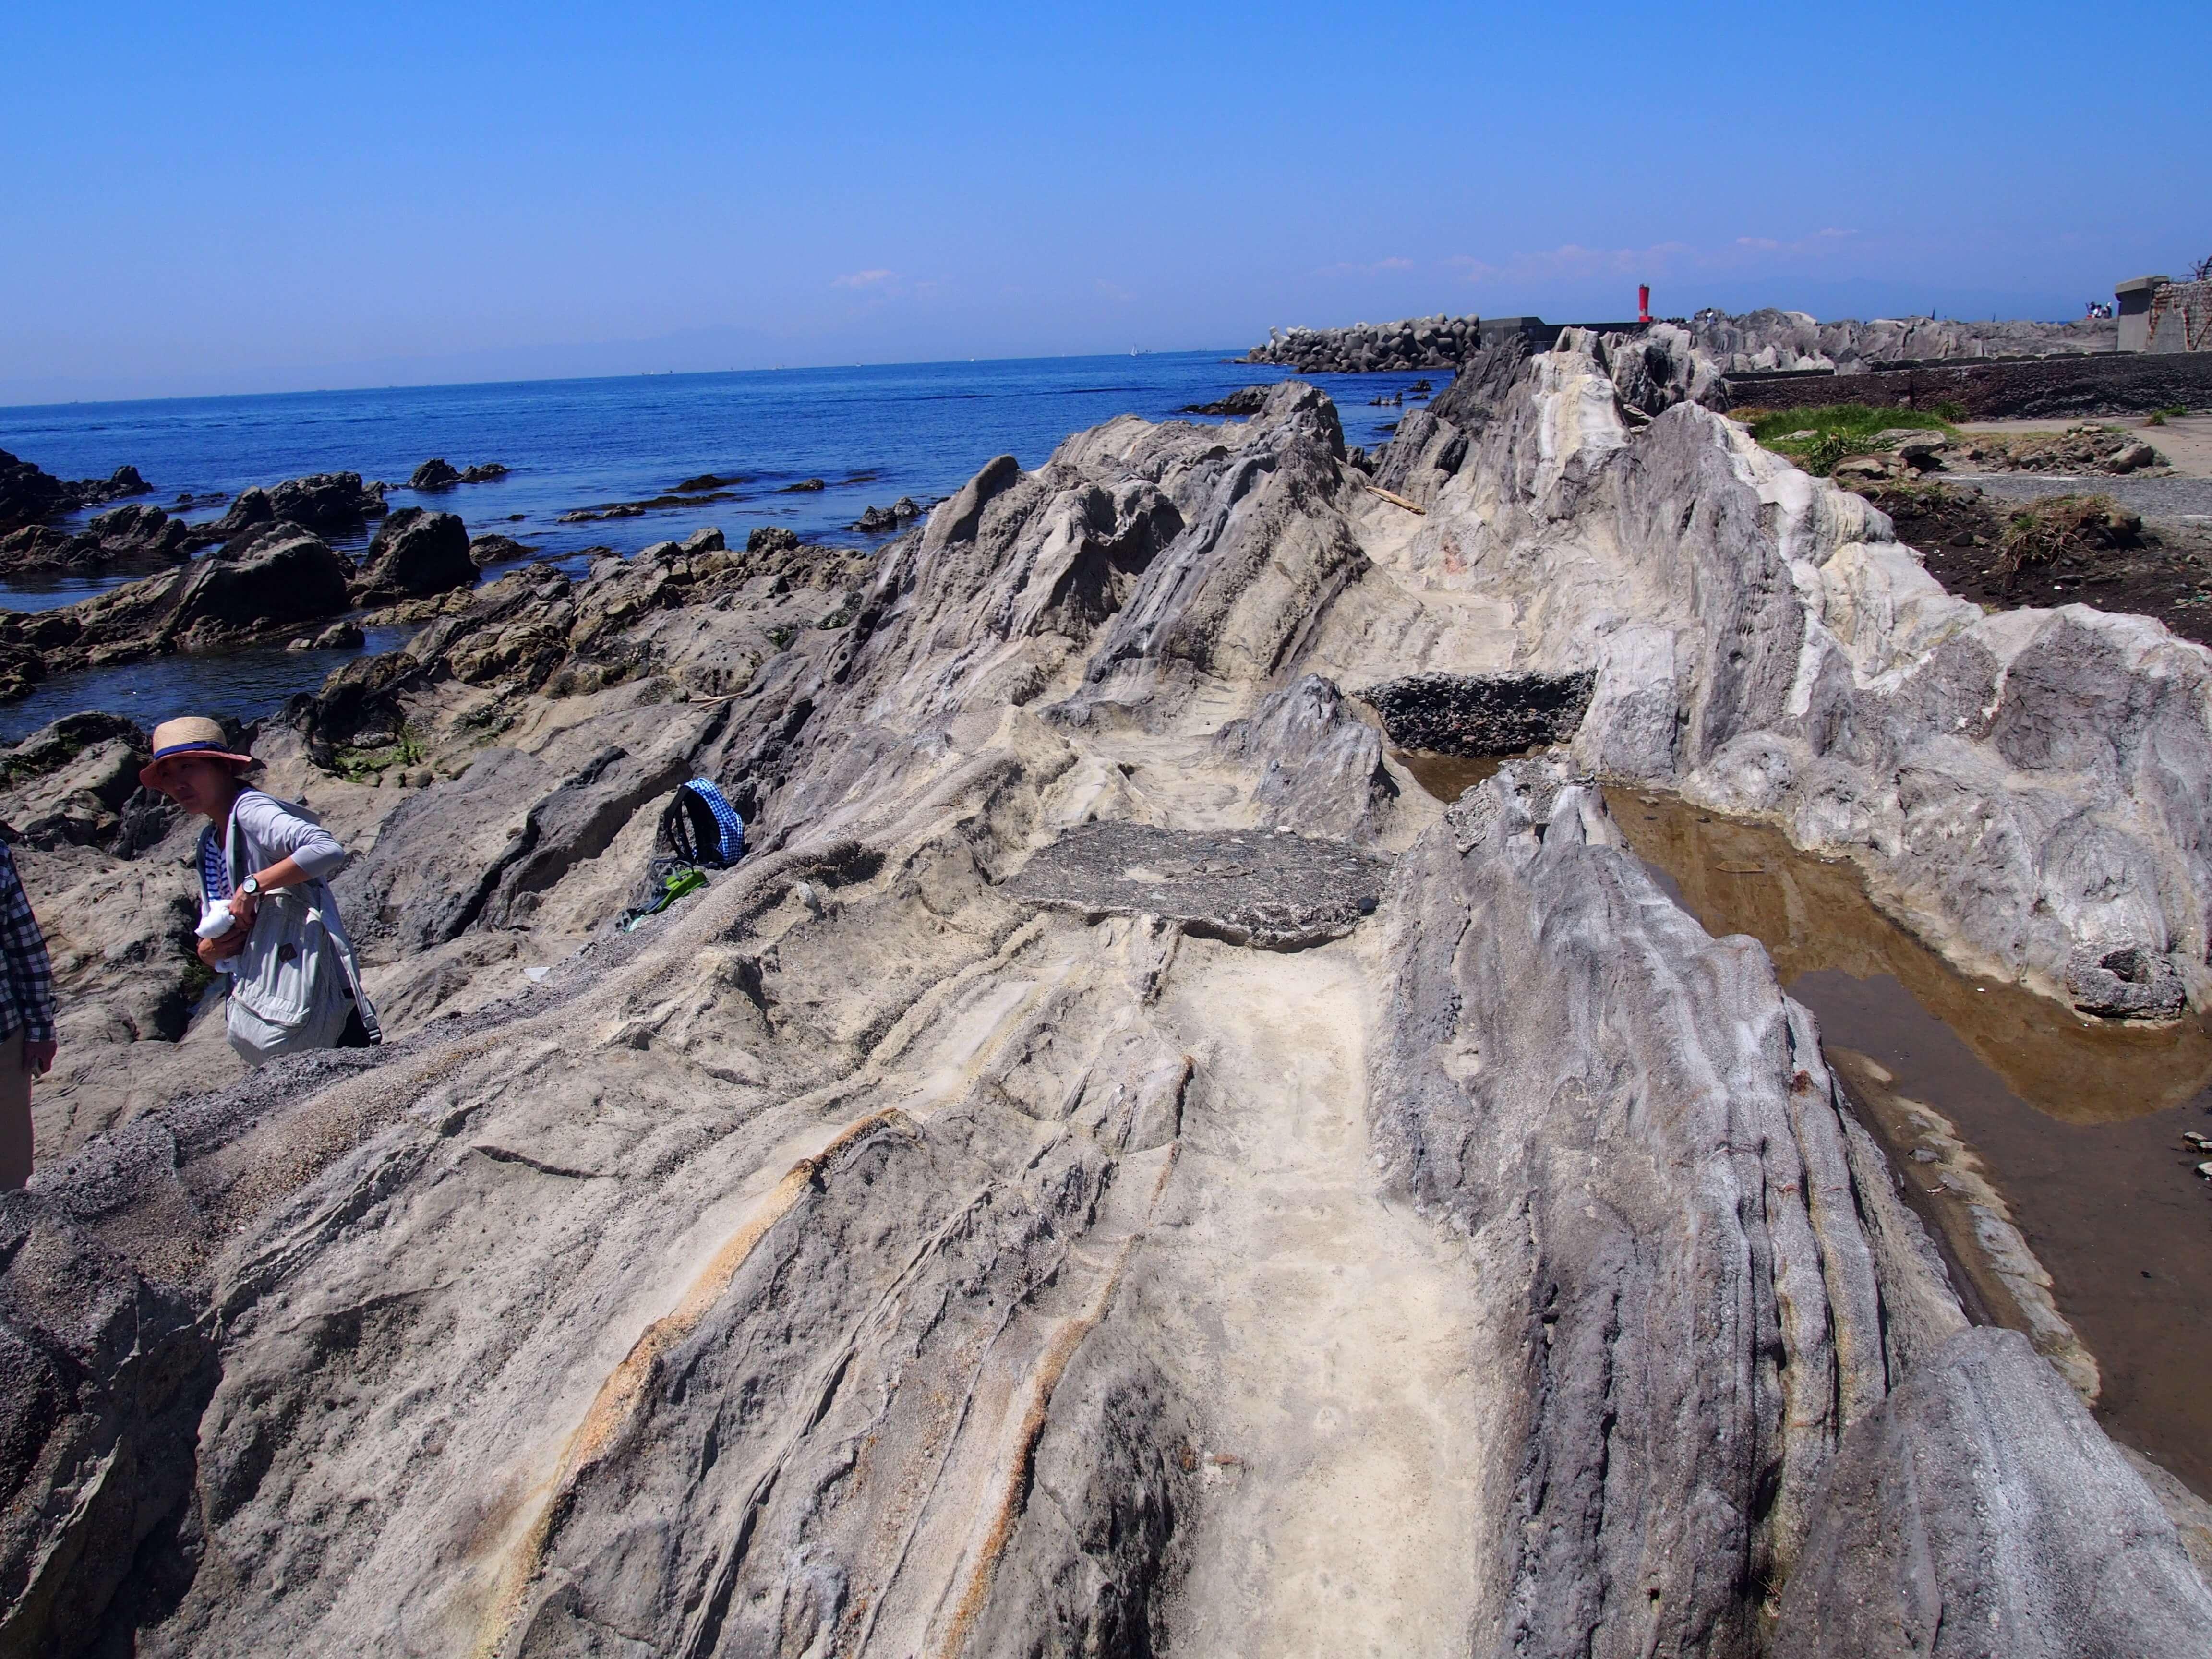 城ヶ島の釣りスポットはゴツゴツした岩場